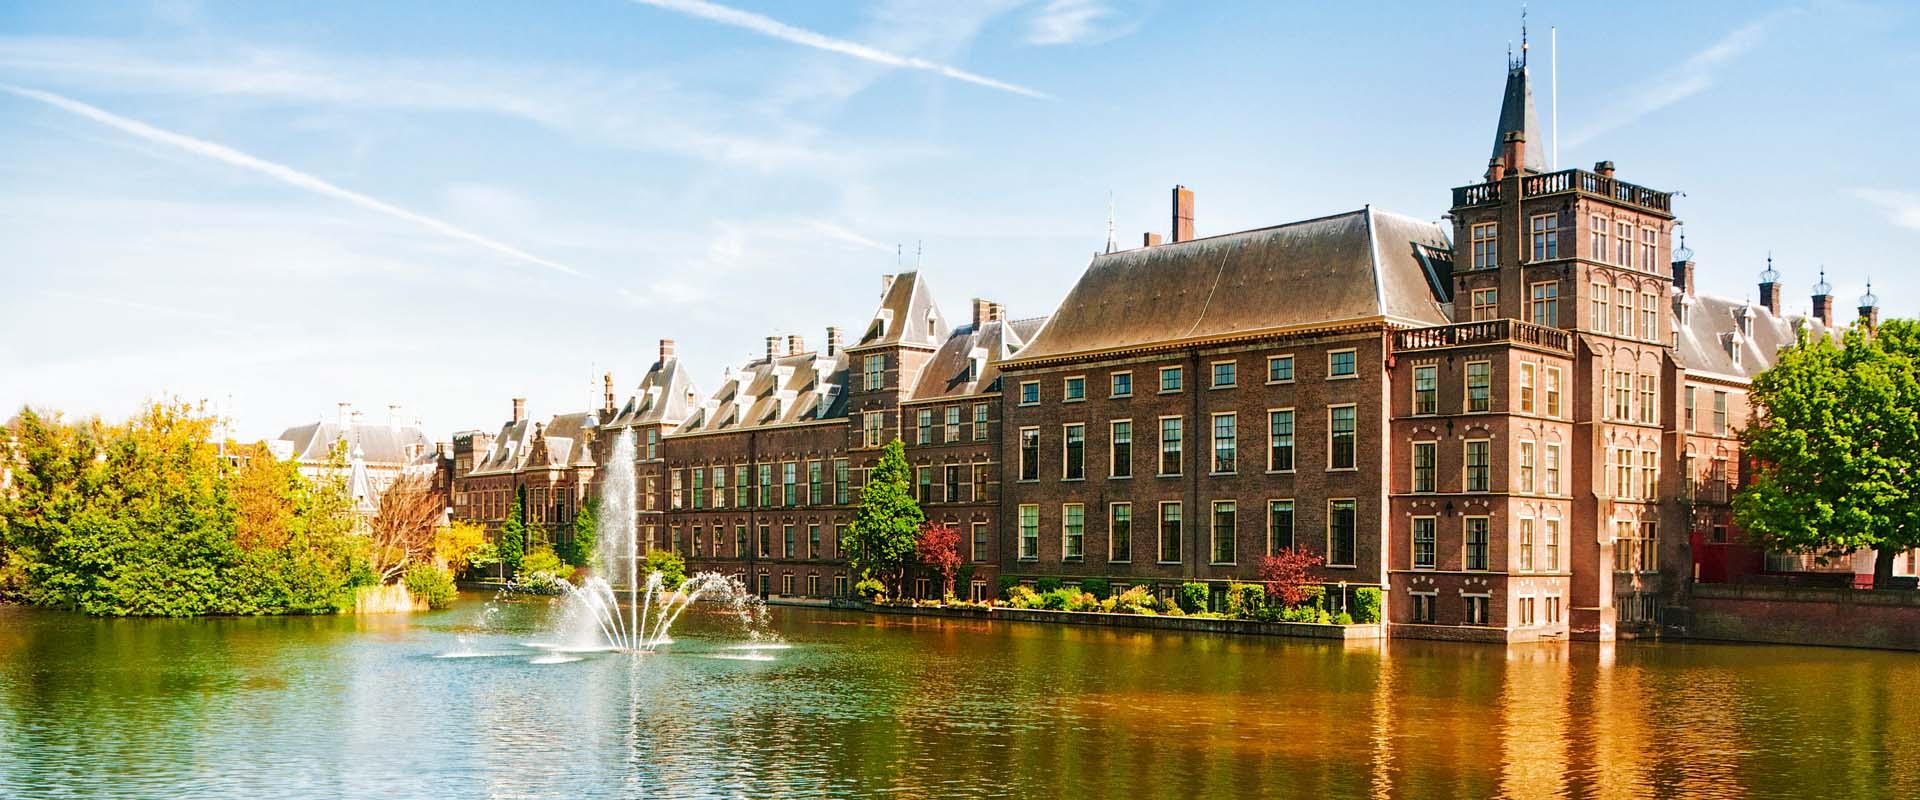 Netherlands Public Holidays 2021 Publicholidays Nl